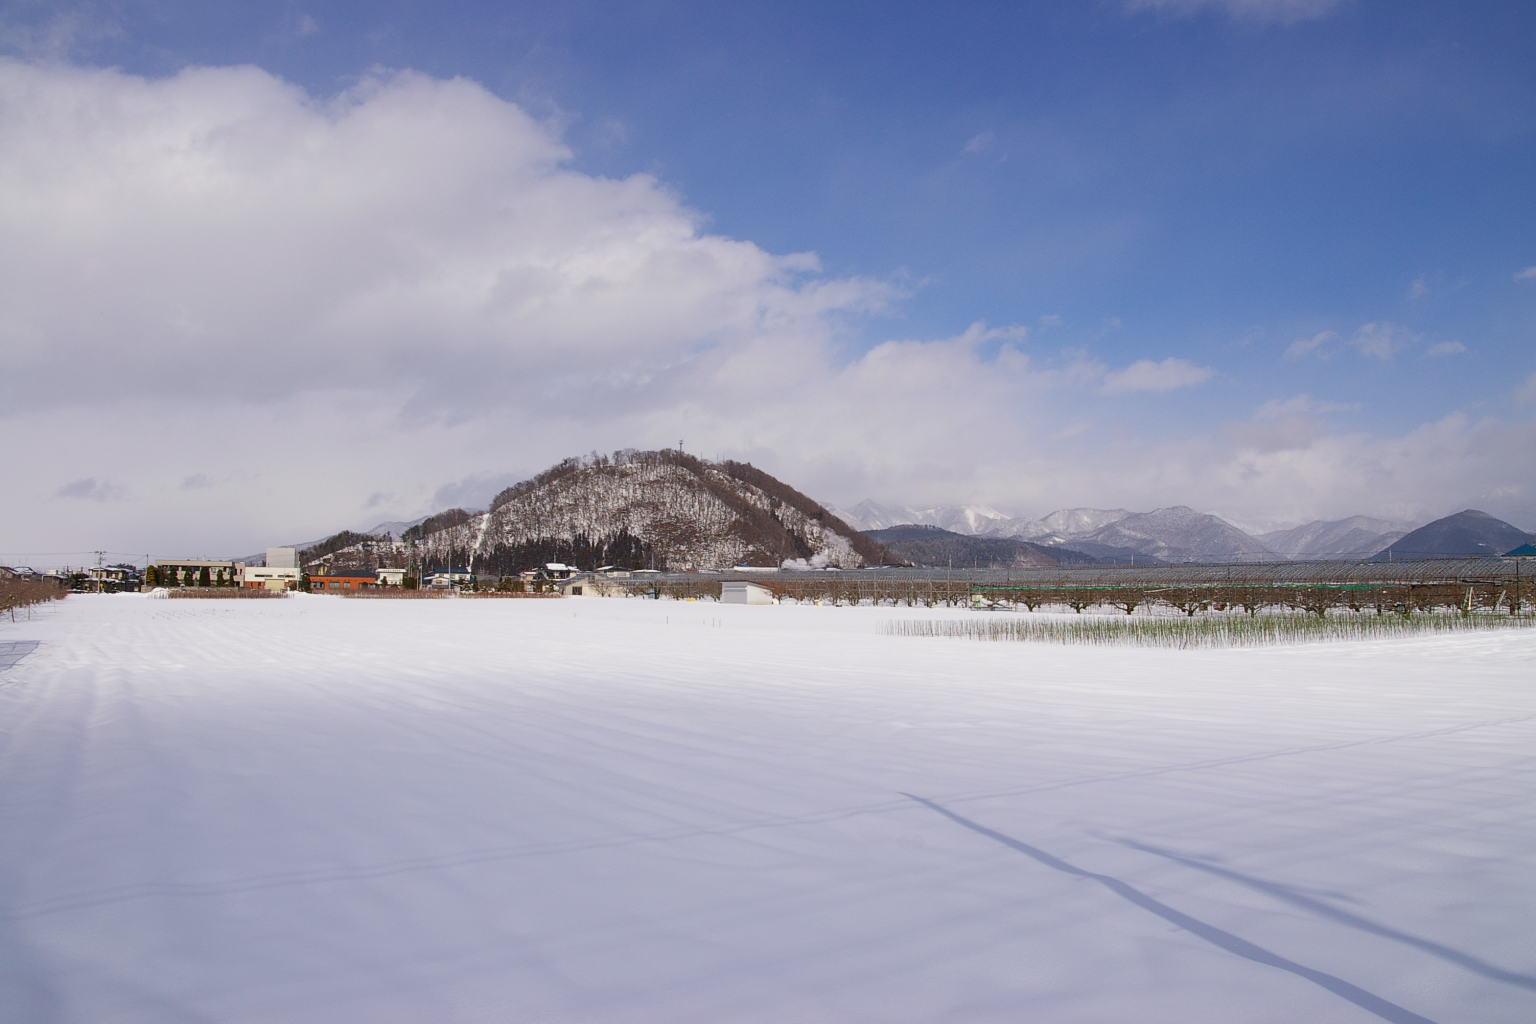 大森山眺め。遠くに奥羽山脈